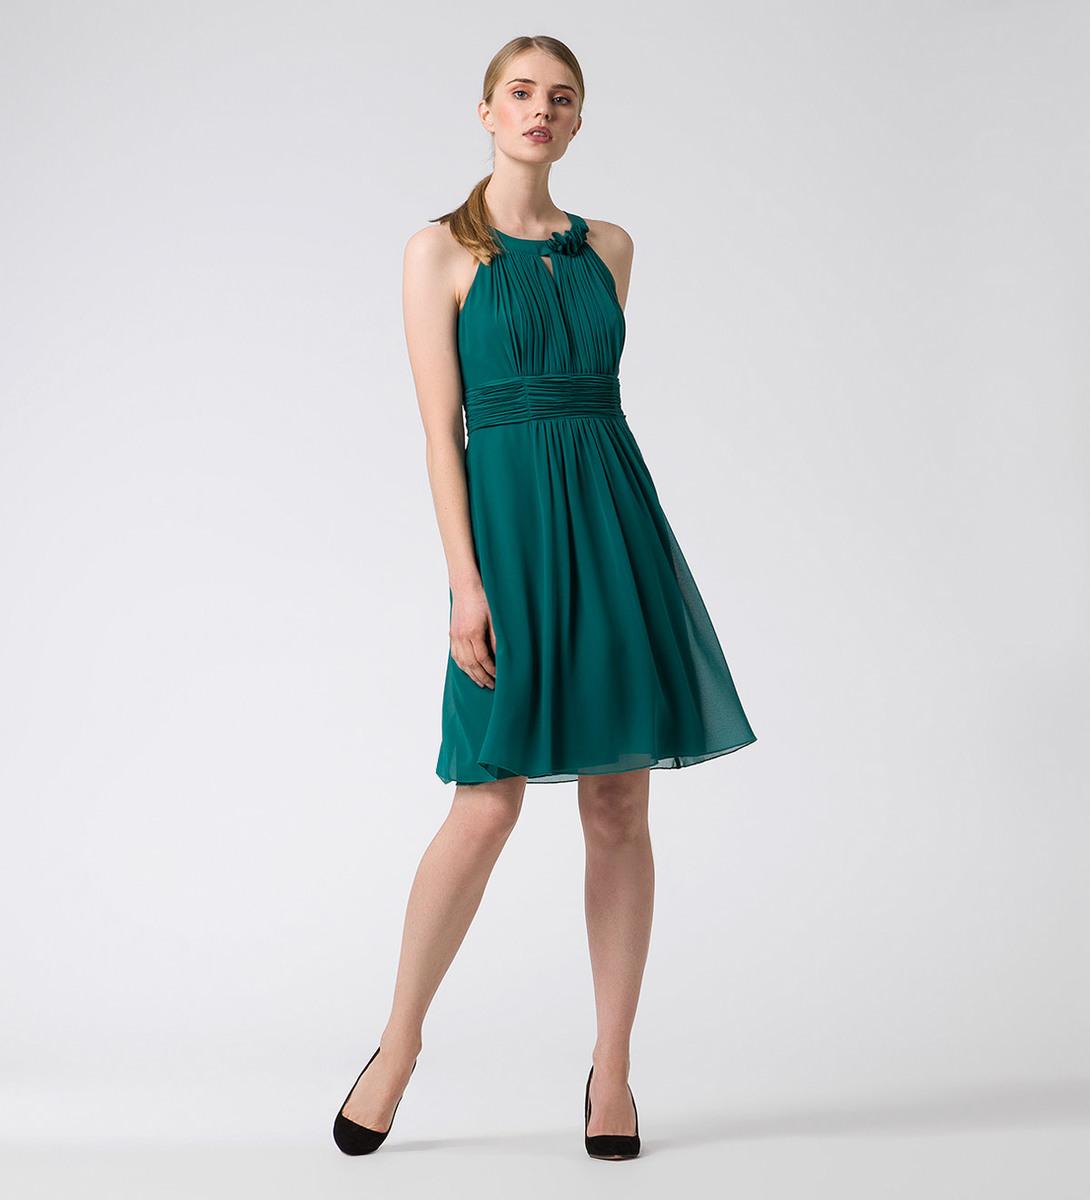 Kleid im eleganten Design in ivy green